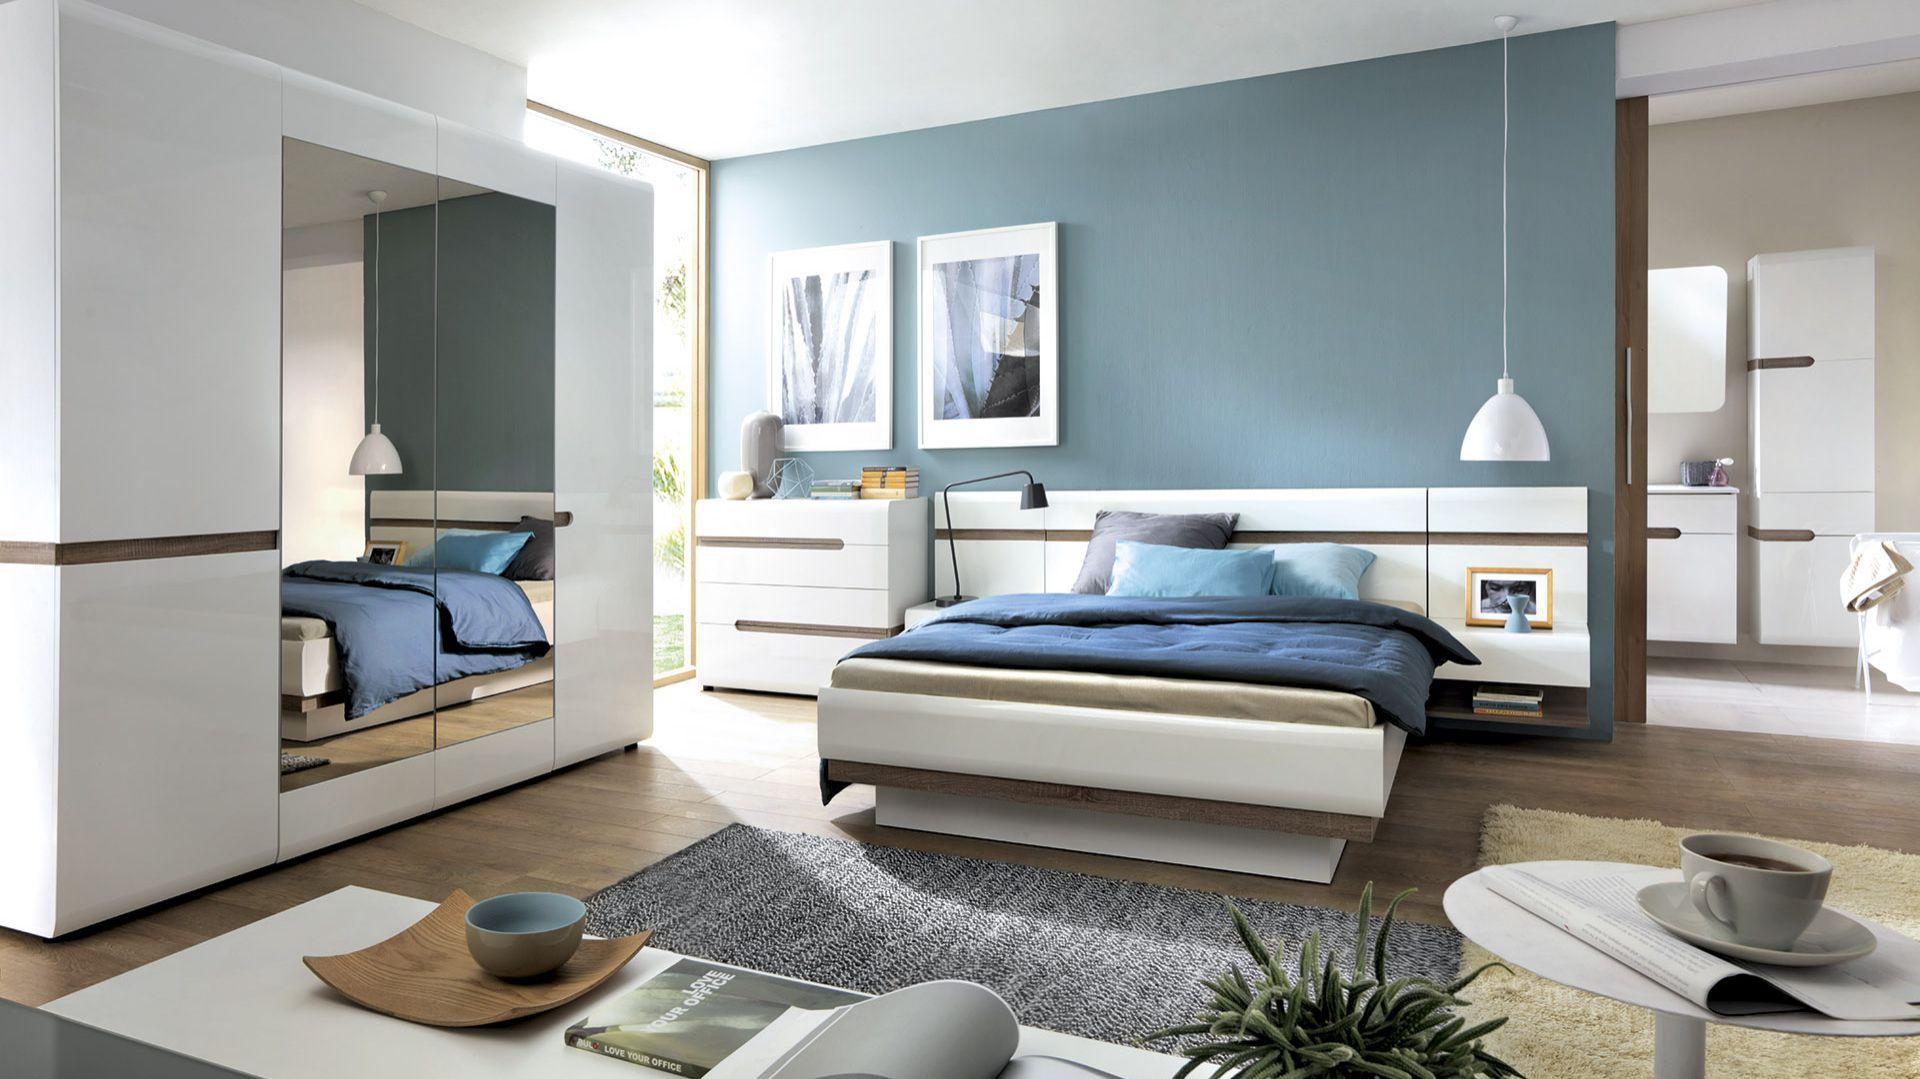 Kolekcja Linate jest nowoczesna i funkcjonalna. Rama łóżka połączona jest z półkami nocnymi. Fot. Meble Wójcik